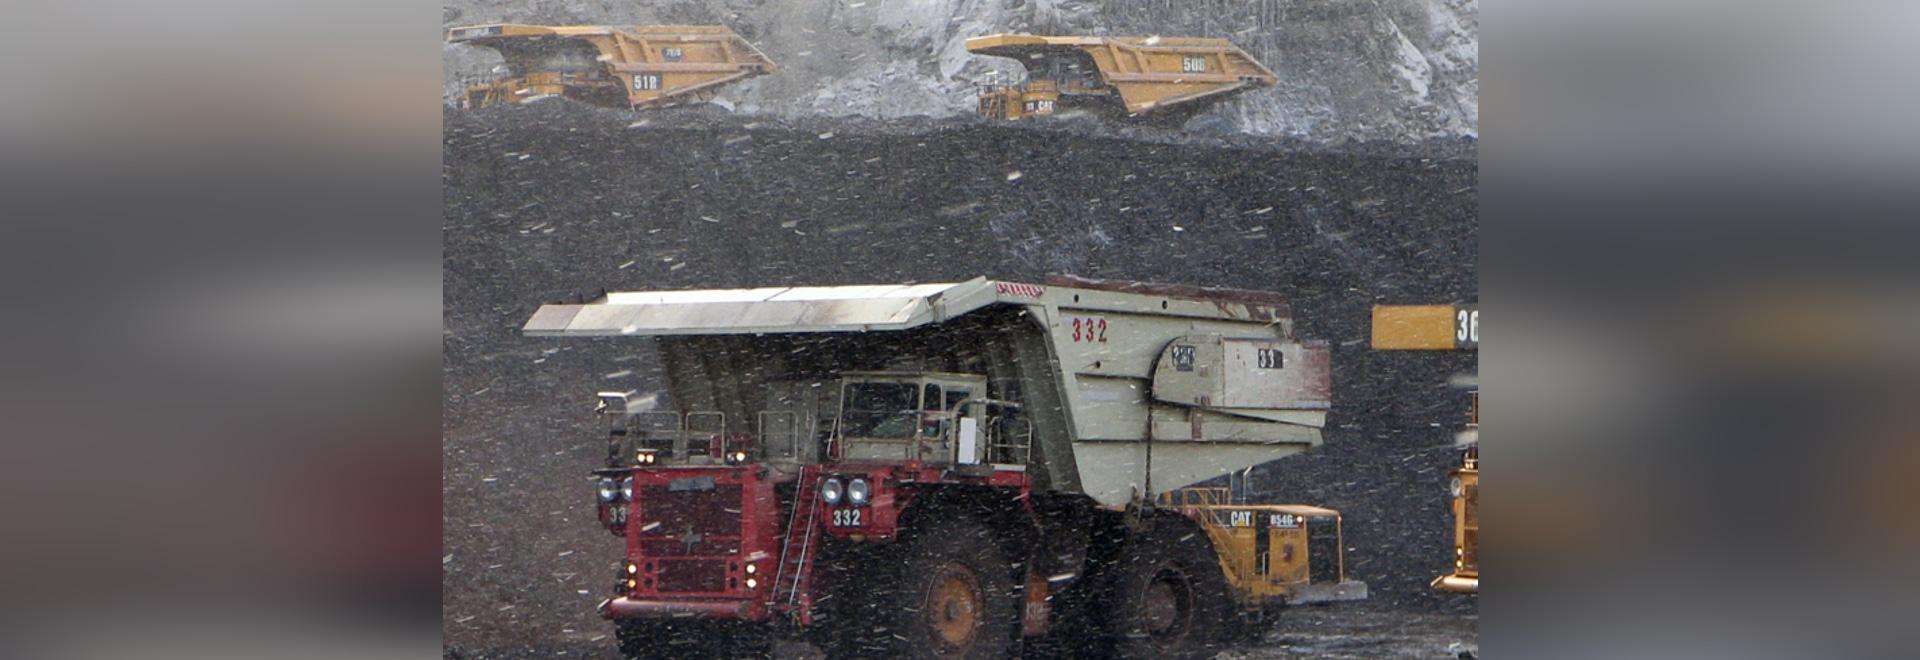 On s'attend à ce que la part du marché de la Mongolie de l'exportation de charbon en Chine continue